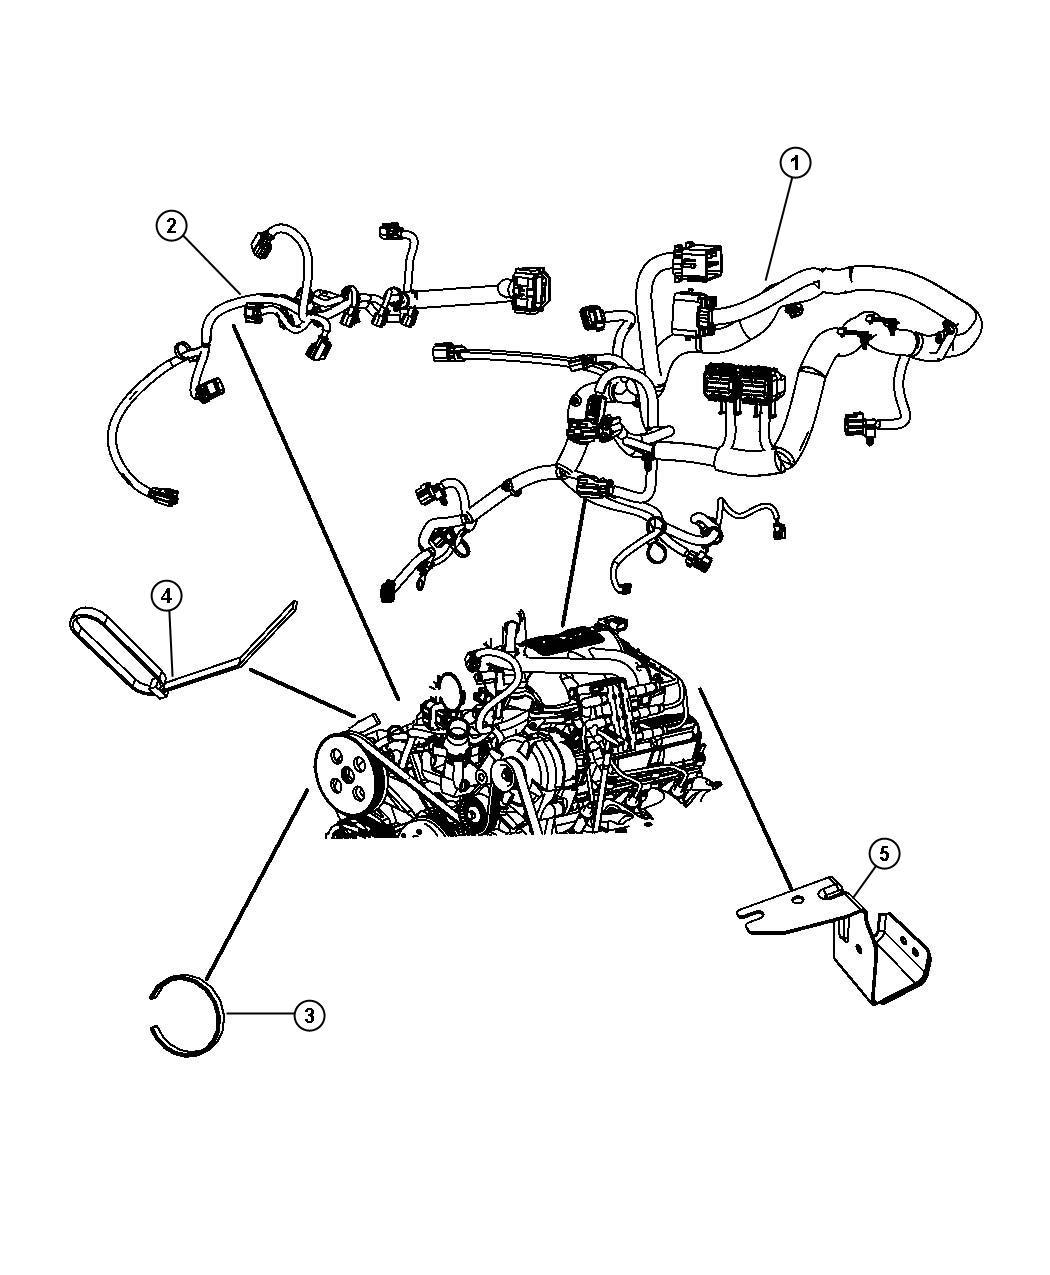 08 Malibu Engine Wiring Diagram